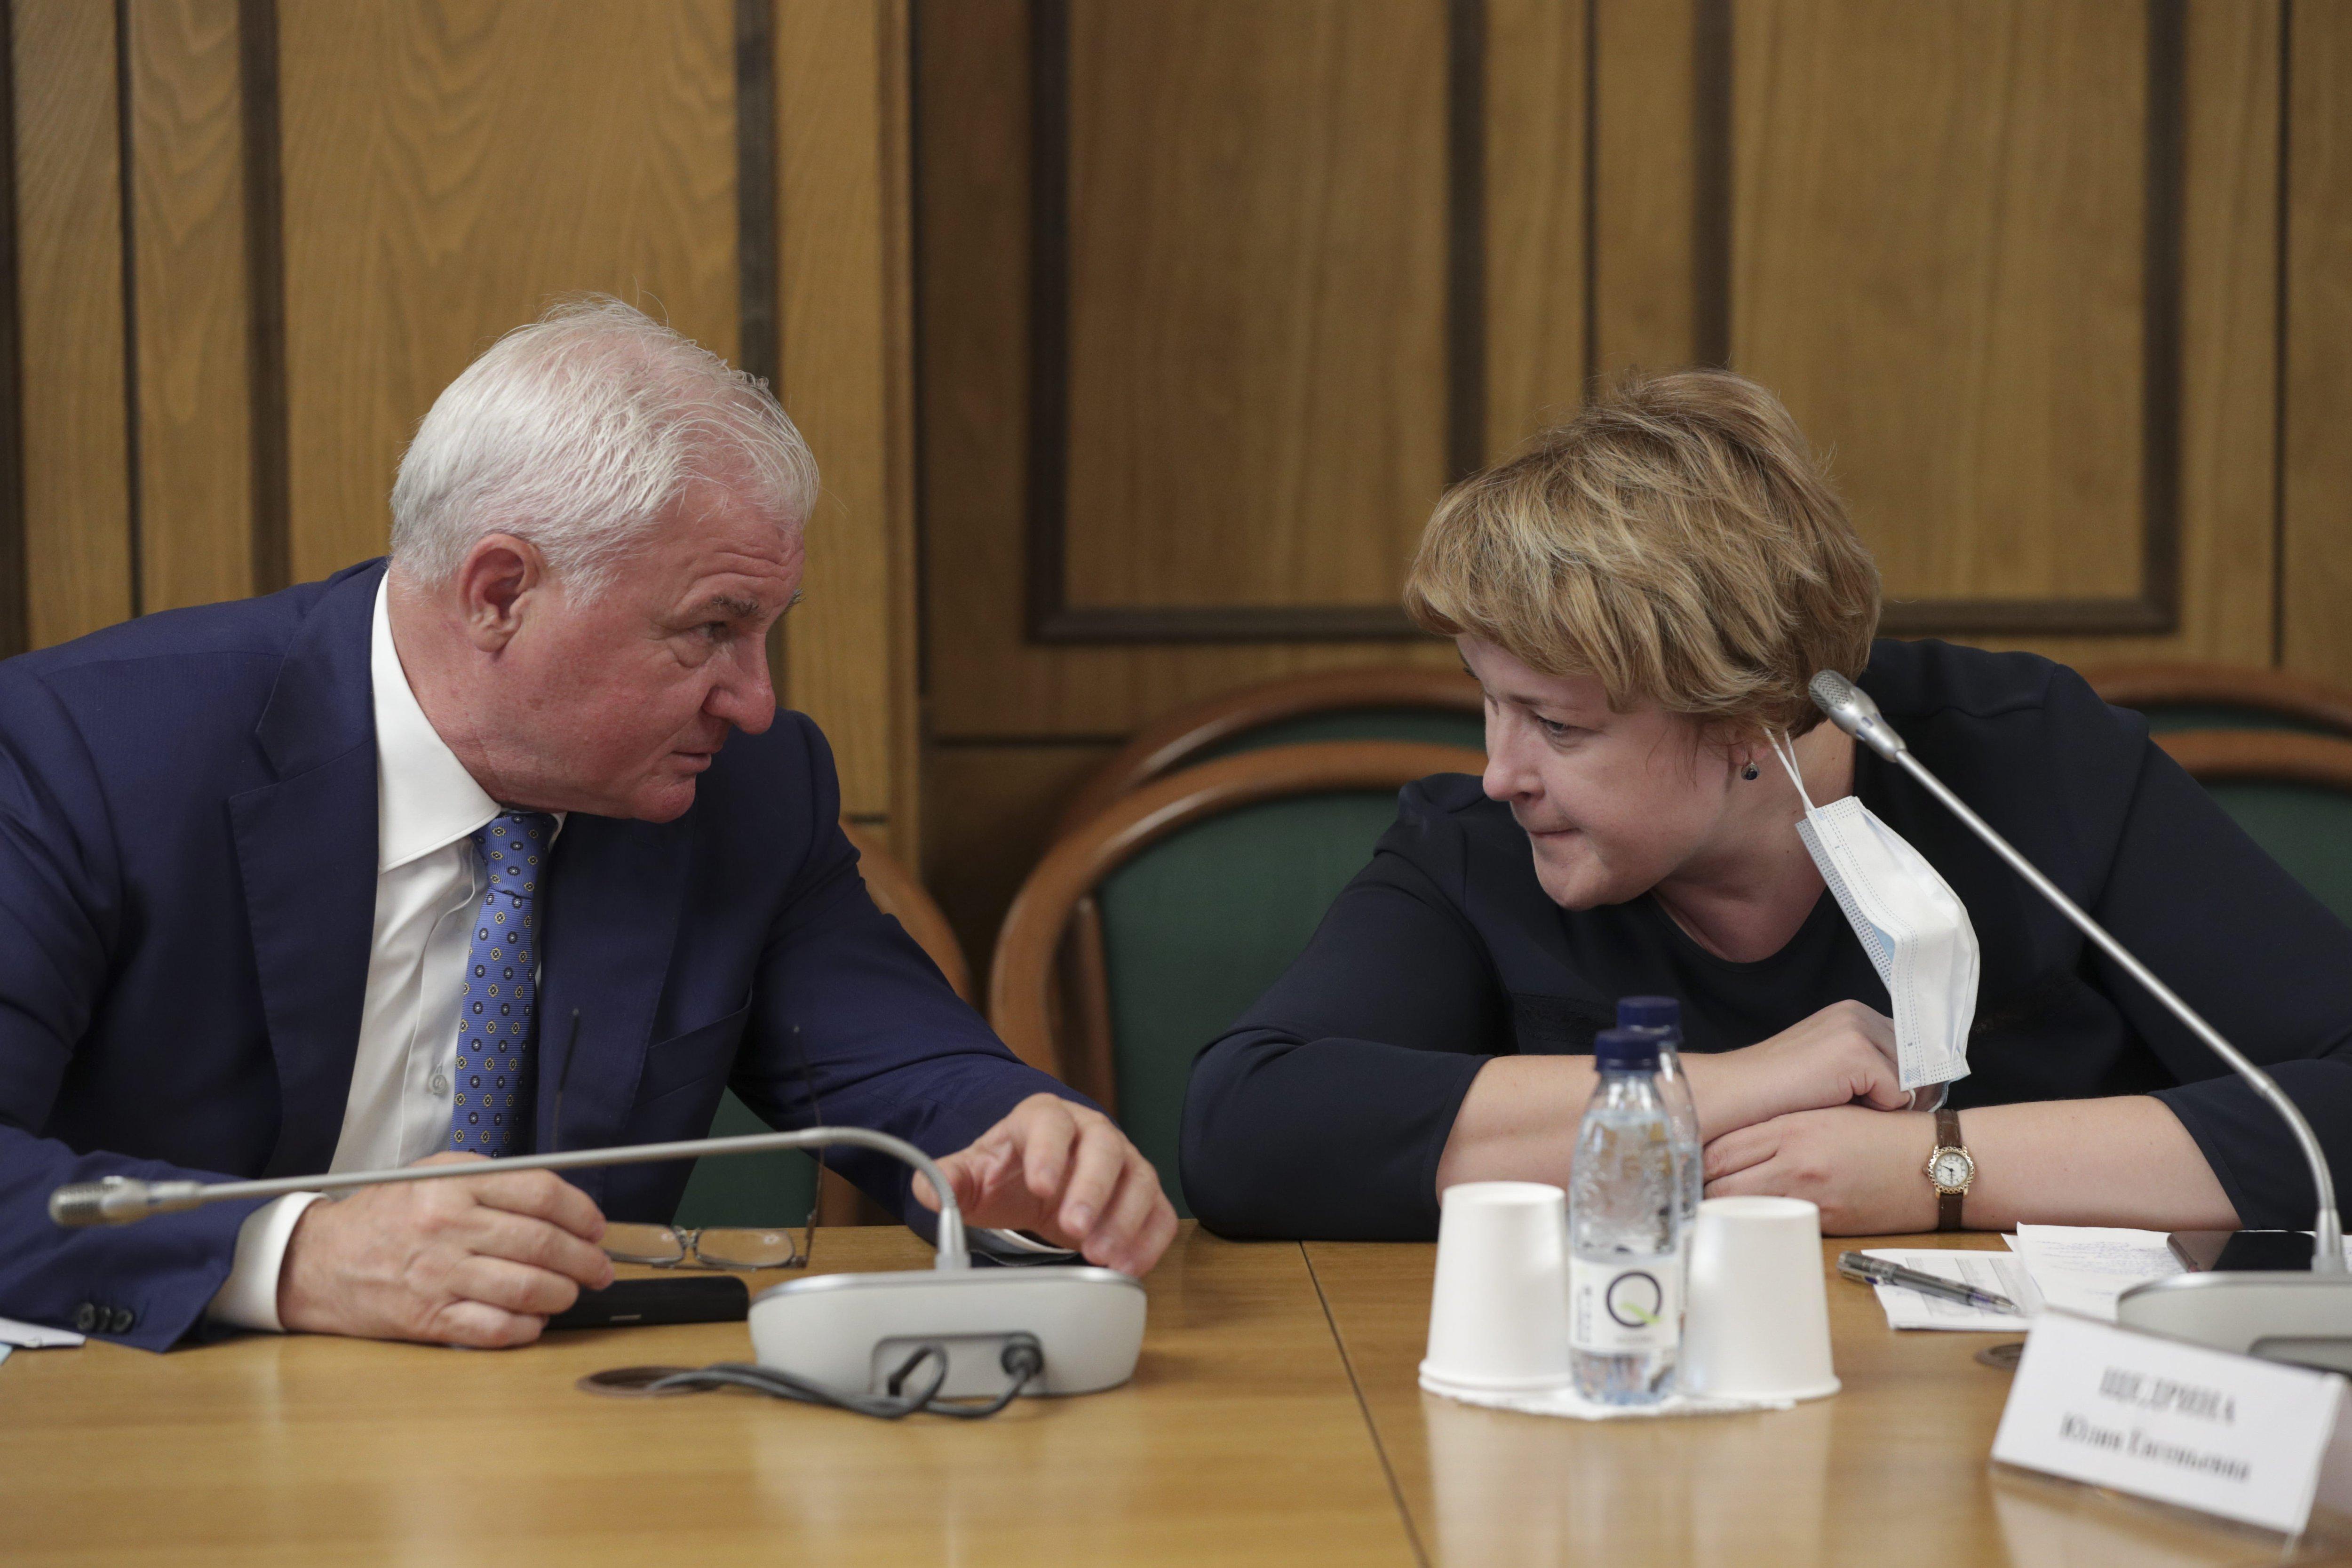 Заседание рабочей группы «Единой России» по стабилизации цен на отдельные виды социально значимых продовольственных товаров первой необходимости. Фото: duma.gov.ru